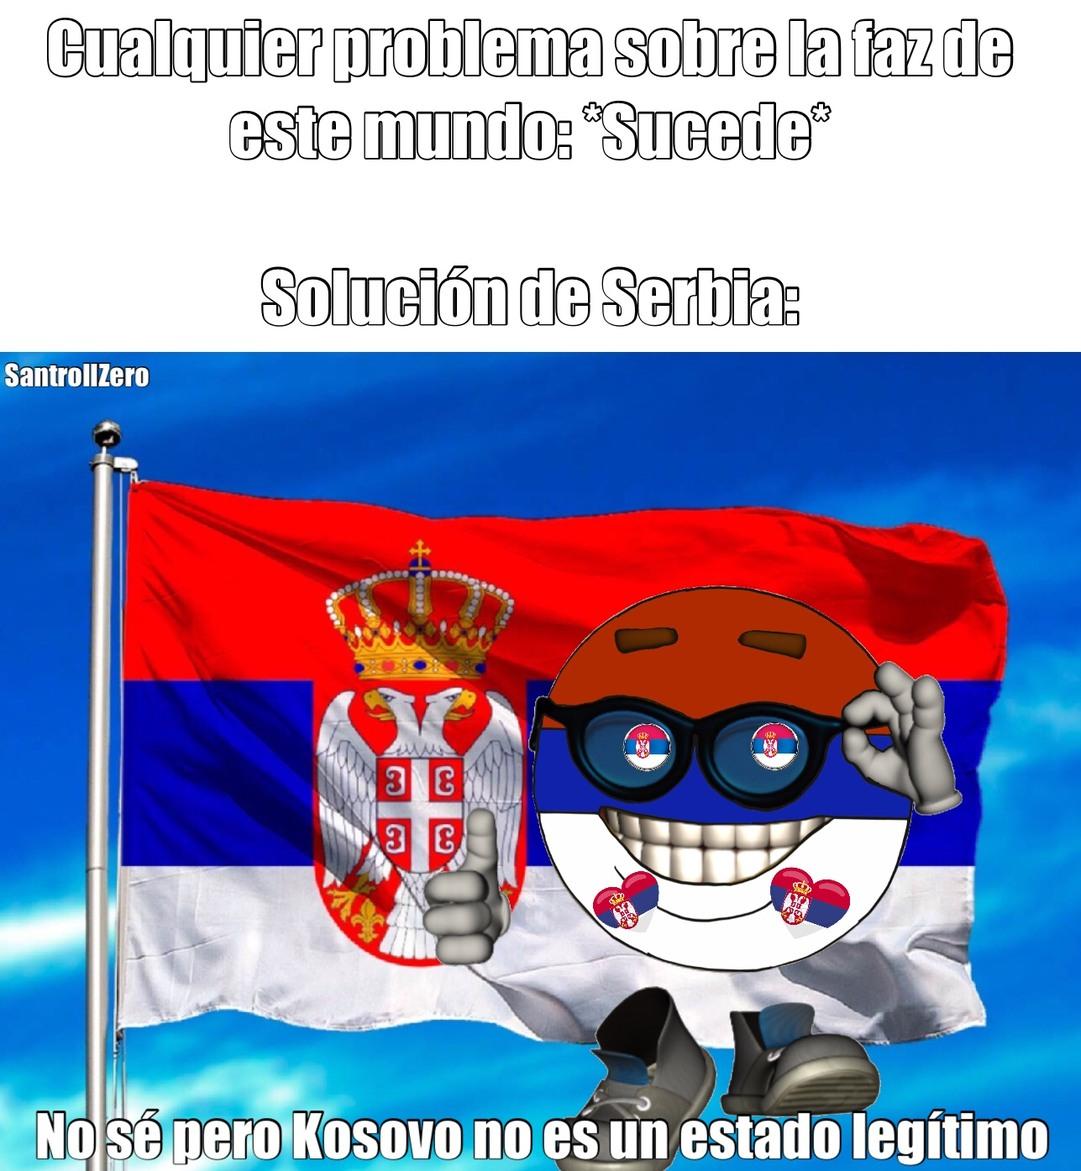 Kosovo no existe - meme